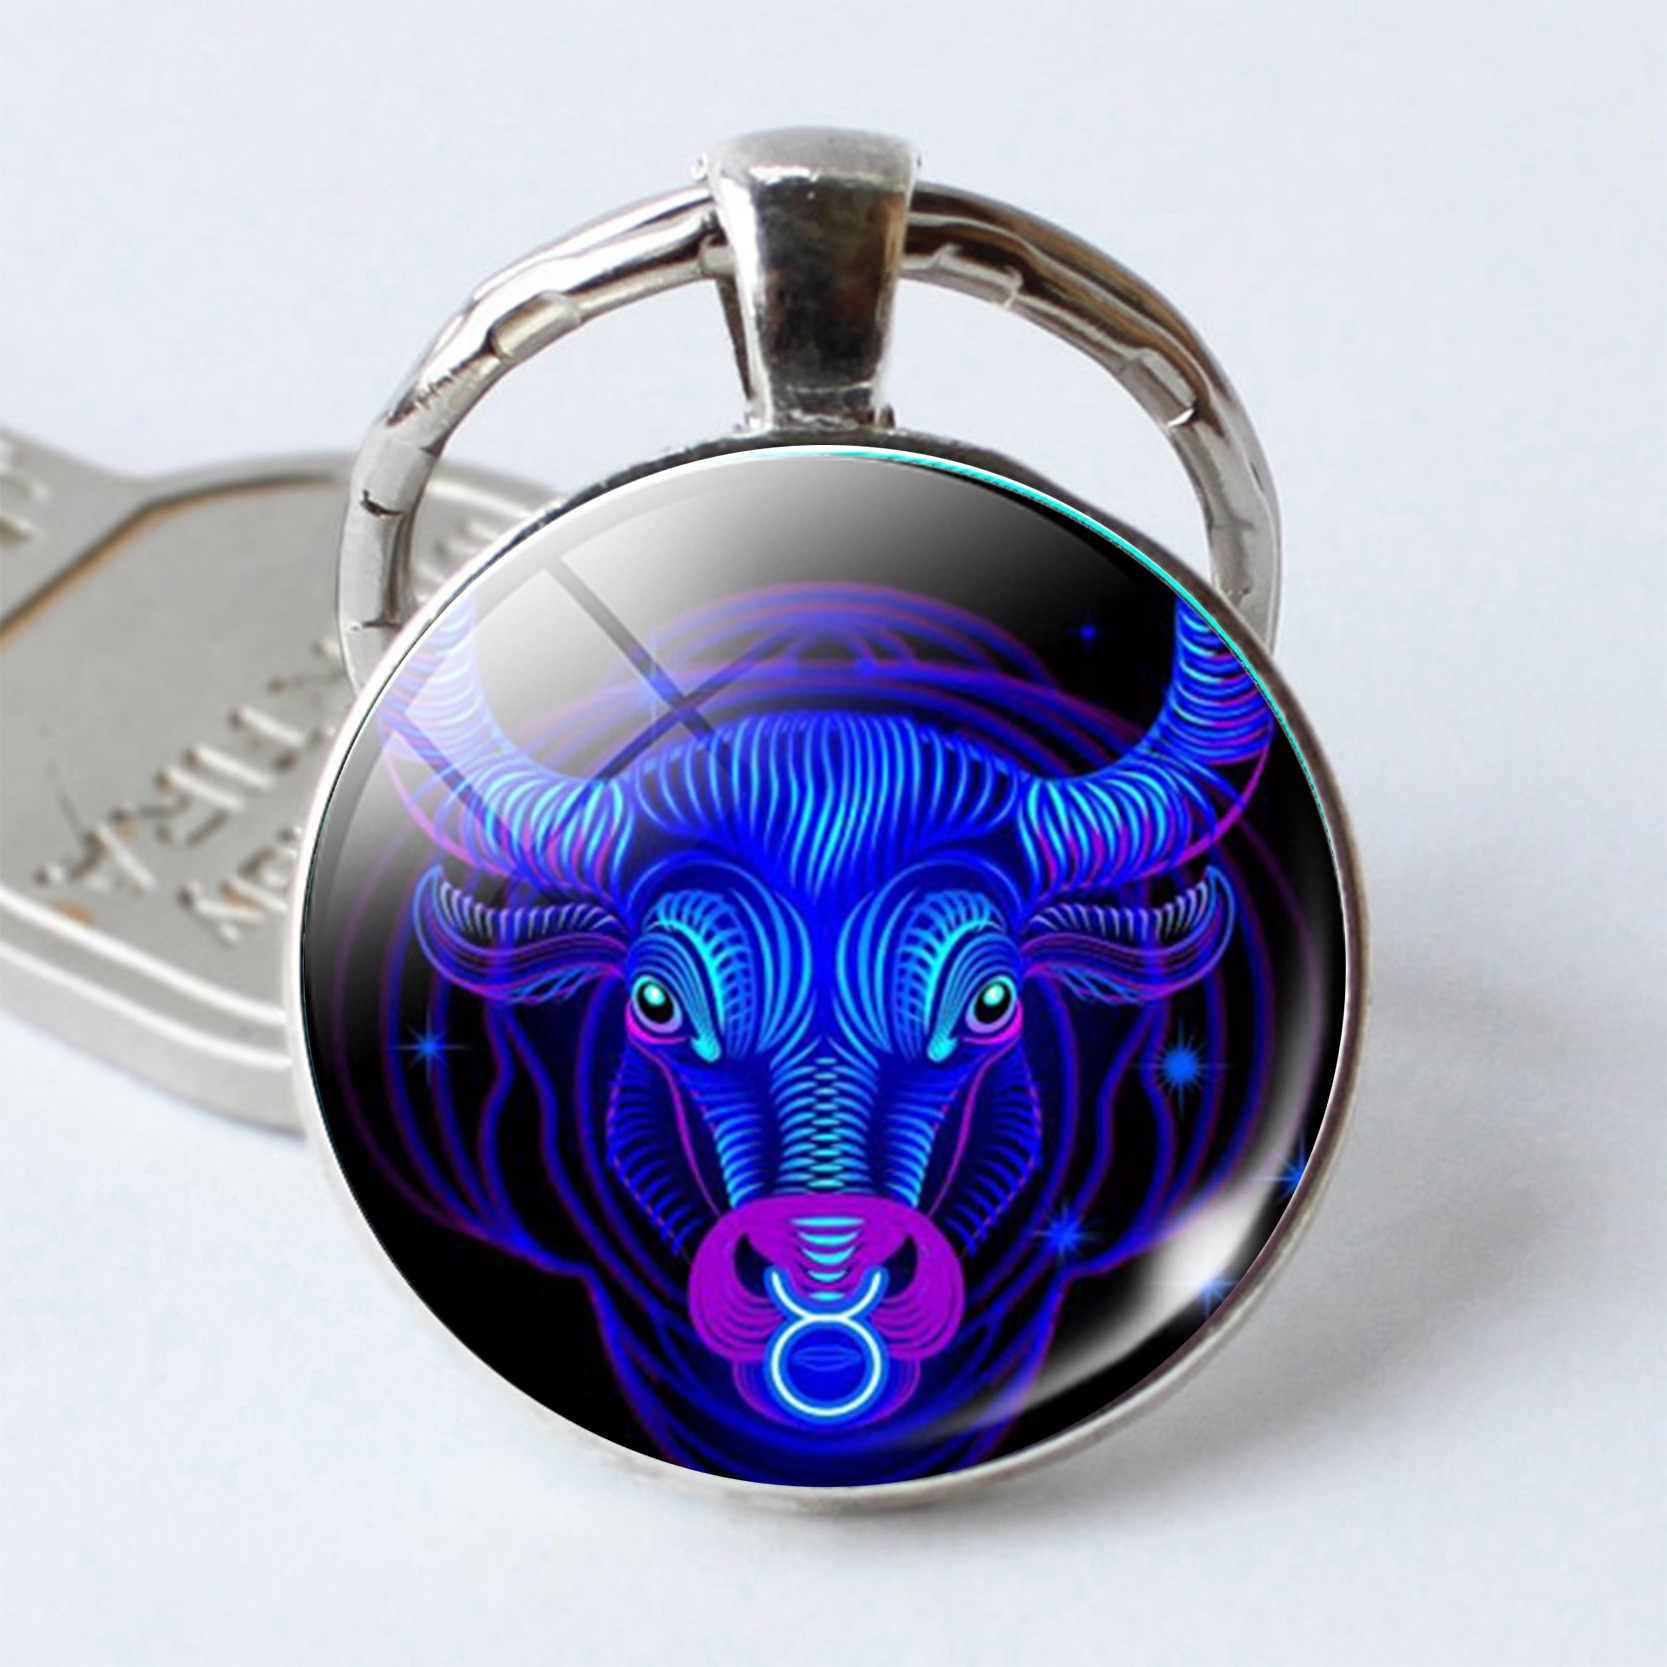 מזלות Keychain 12 קבוצת כוכבים אריה בתולה מאזניים עקרב קשת תליון כפול פנים Keyring מפתח